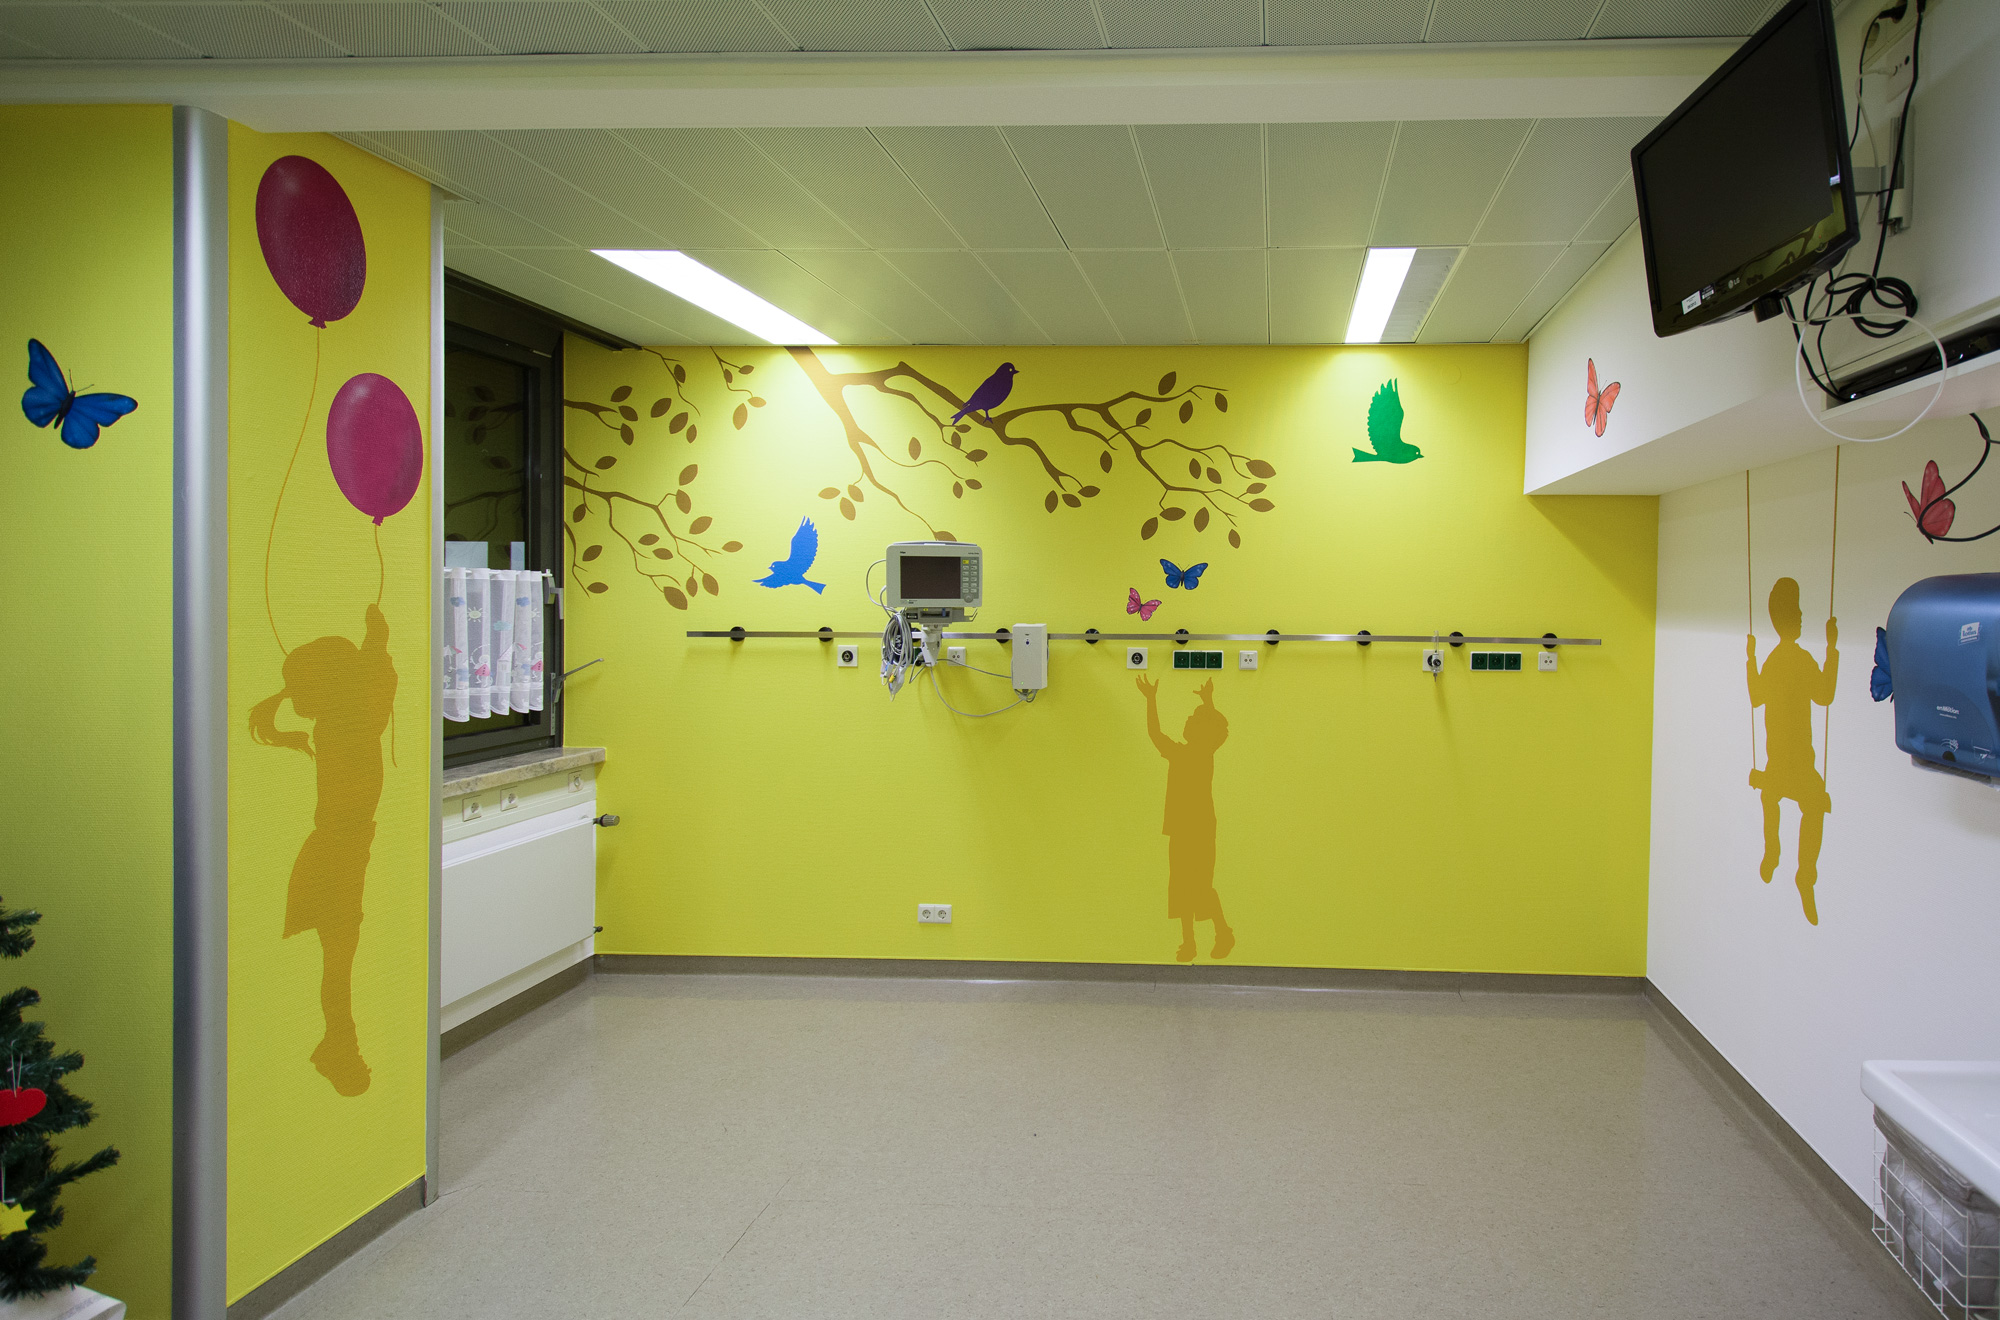 Graffiti maler wandgestaltung im krankenhaus und ihrer klinik - Wandgestaltung kinder ...